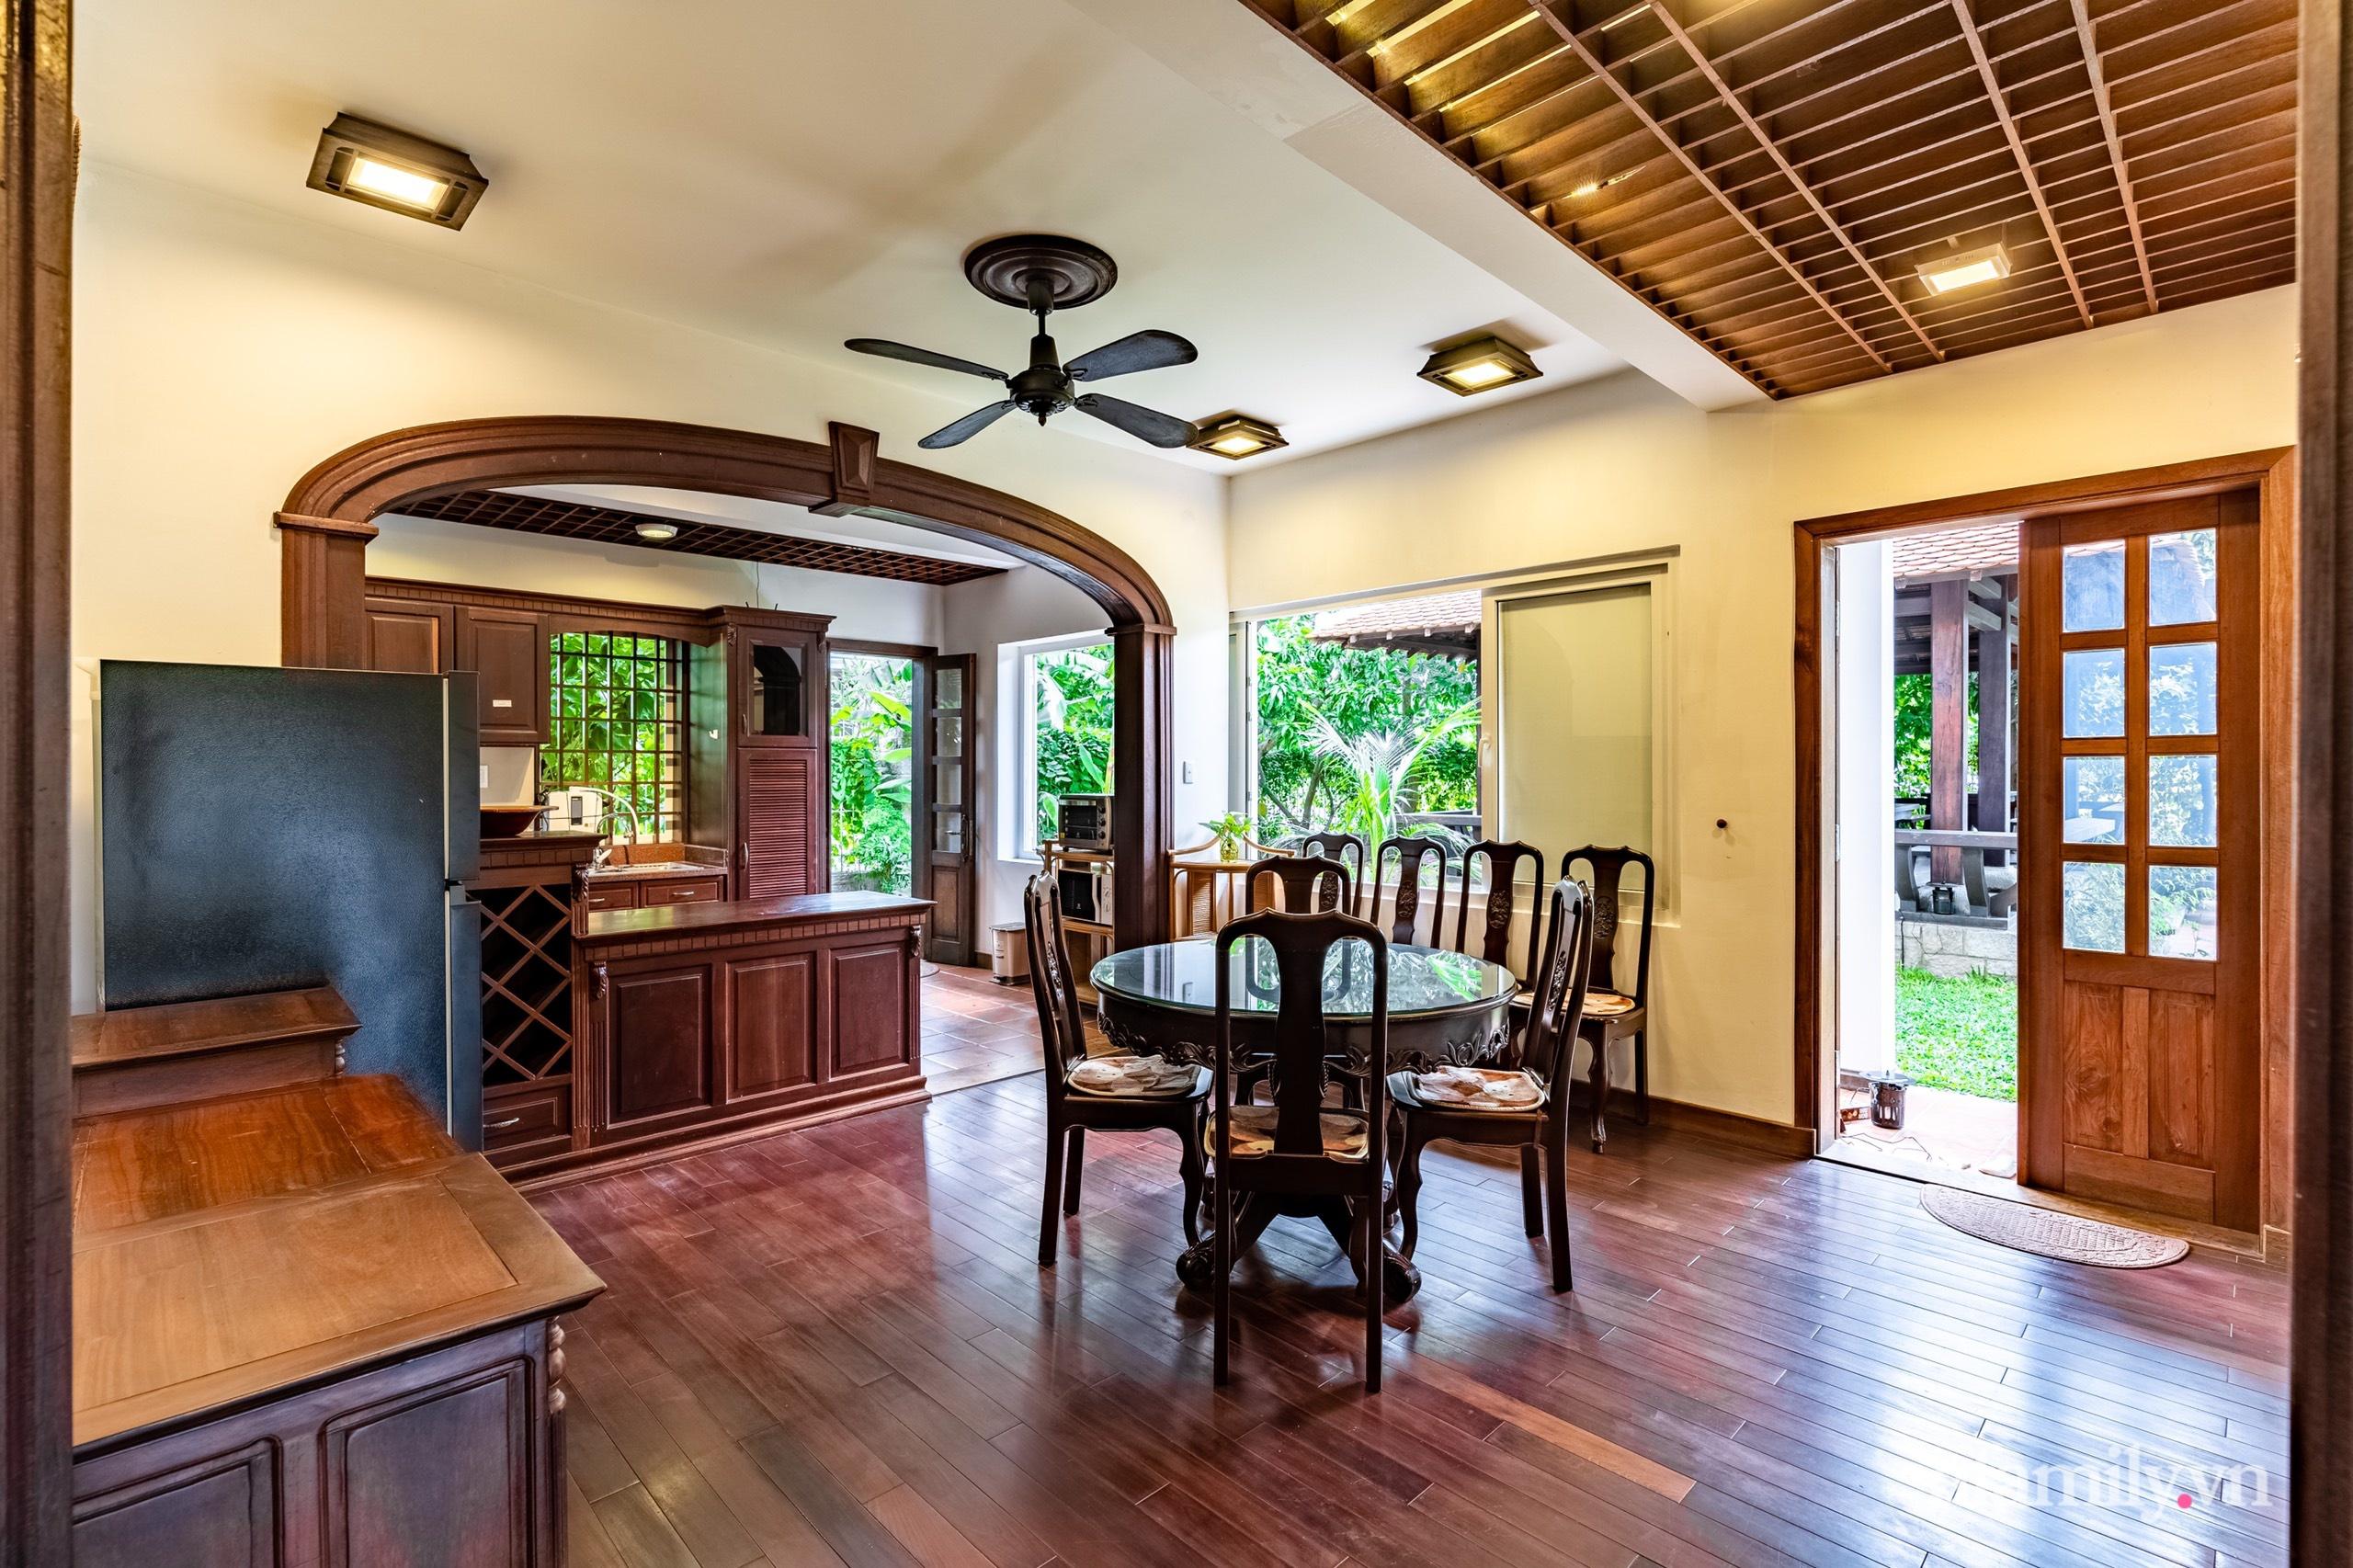 Căn nhà vườn xây 10 năm vẫn đẹp hút mắt với nội thất gỗ và cây xanh quanh nhà ở Nha Trang-23